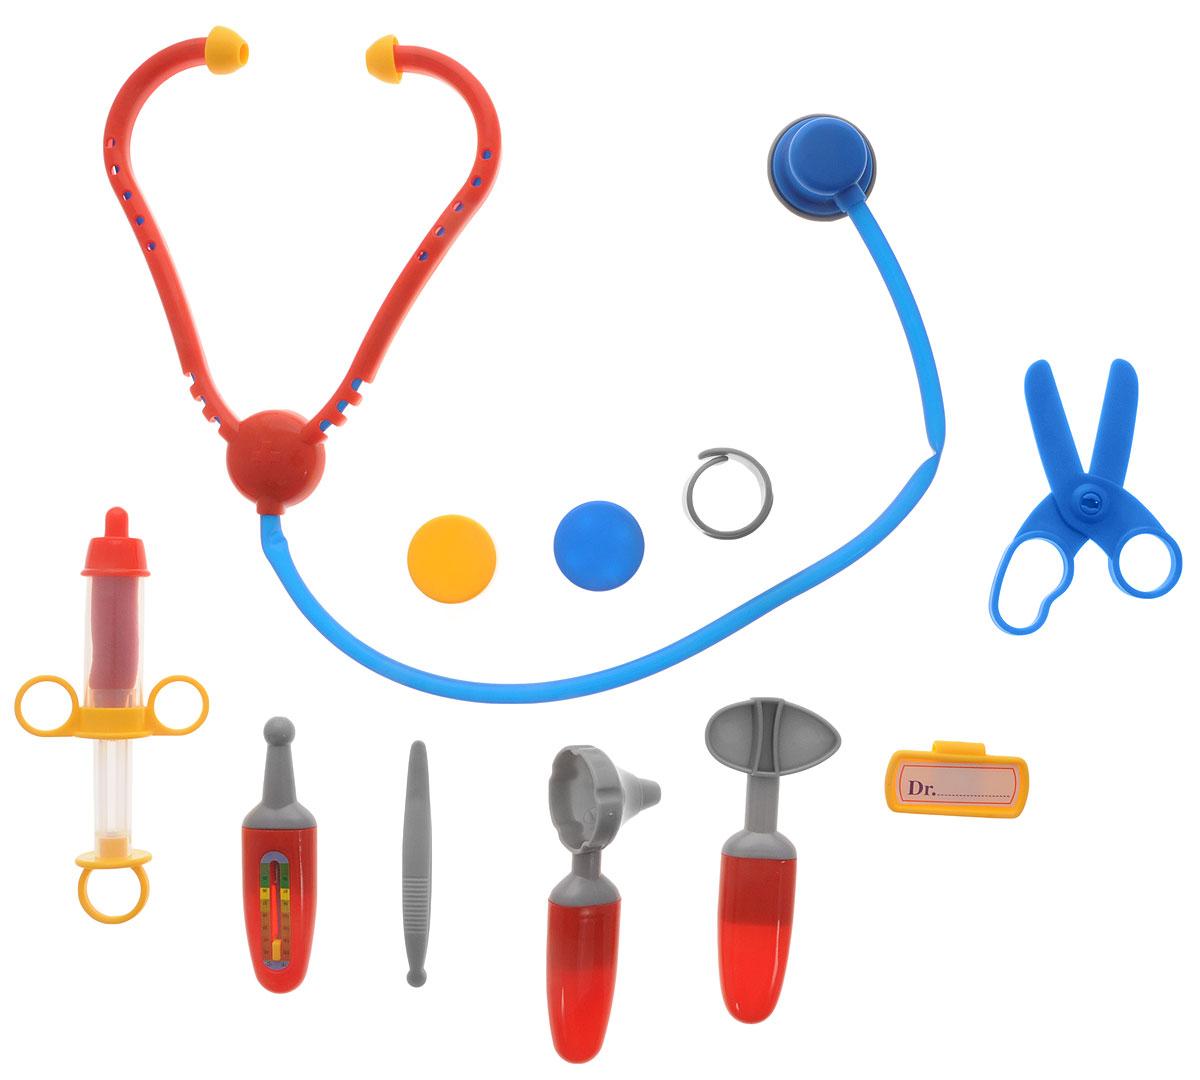 Klein Игрушечный набор доктора4624Игрушечный набор доктора Klein - замечательный набор для сюжетно-ролевых игр в больницу и доктора. С таким набором ваш ребенок окунется в увлекательную атмосферу игры. В компактном пластиковом чемоданчике вы найдете 10 предметов для игры: стетоскоп, градусник, молоточек невролога, инструмент отоларинголога, пластырь, шприц, бейдж, баночку для лекарств, ножницы, пинцет. С этим набором ваш маленький доктор сможет почувствовать себя квалифицированным специалистом. Теперь все игрушки будут совершенно здоровы.